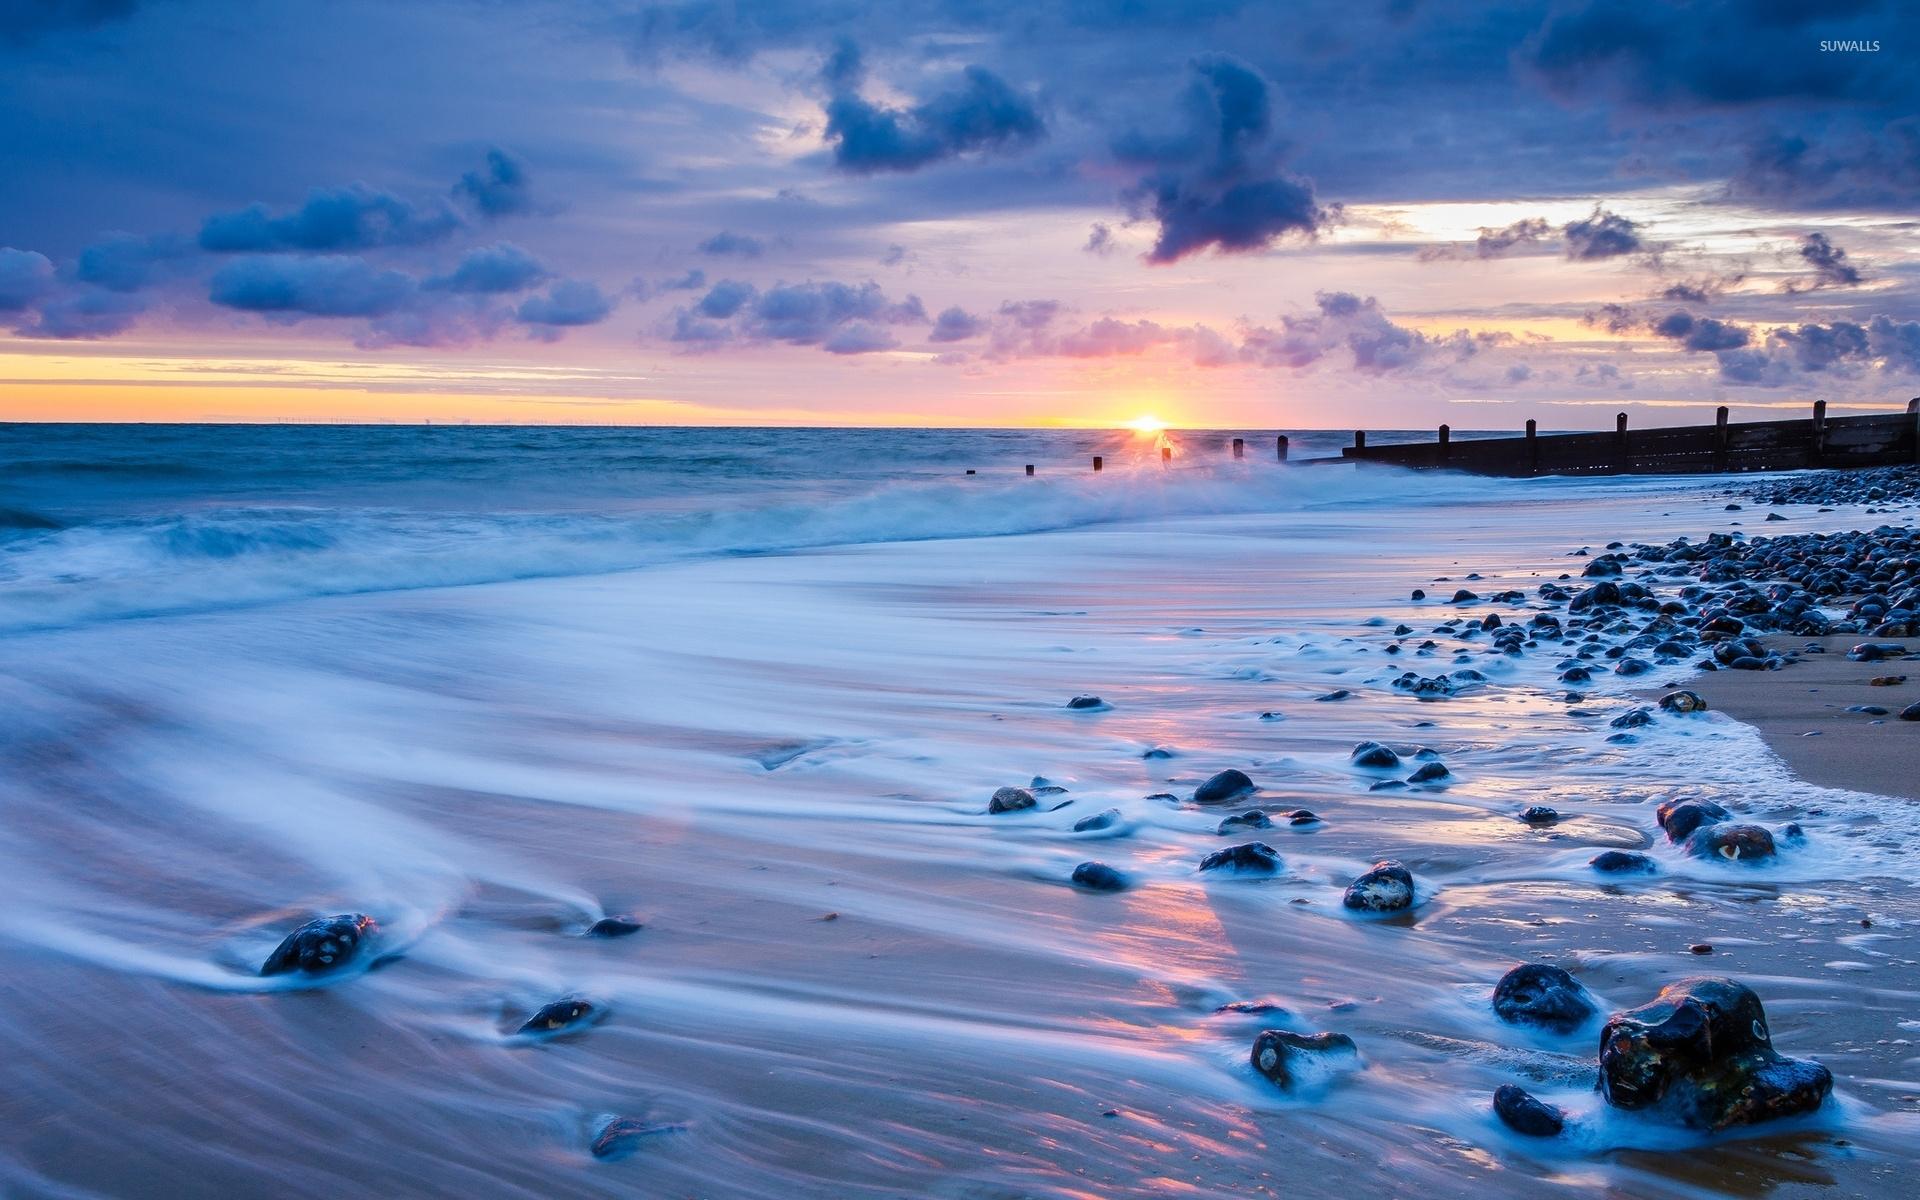 Rocks On A Sandy Beach Wallpaper Beach Wallpapers 41910